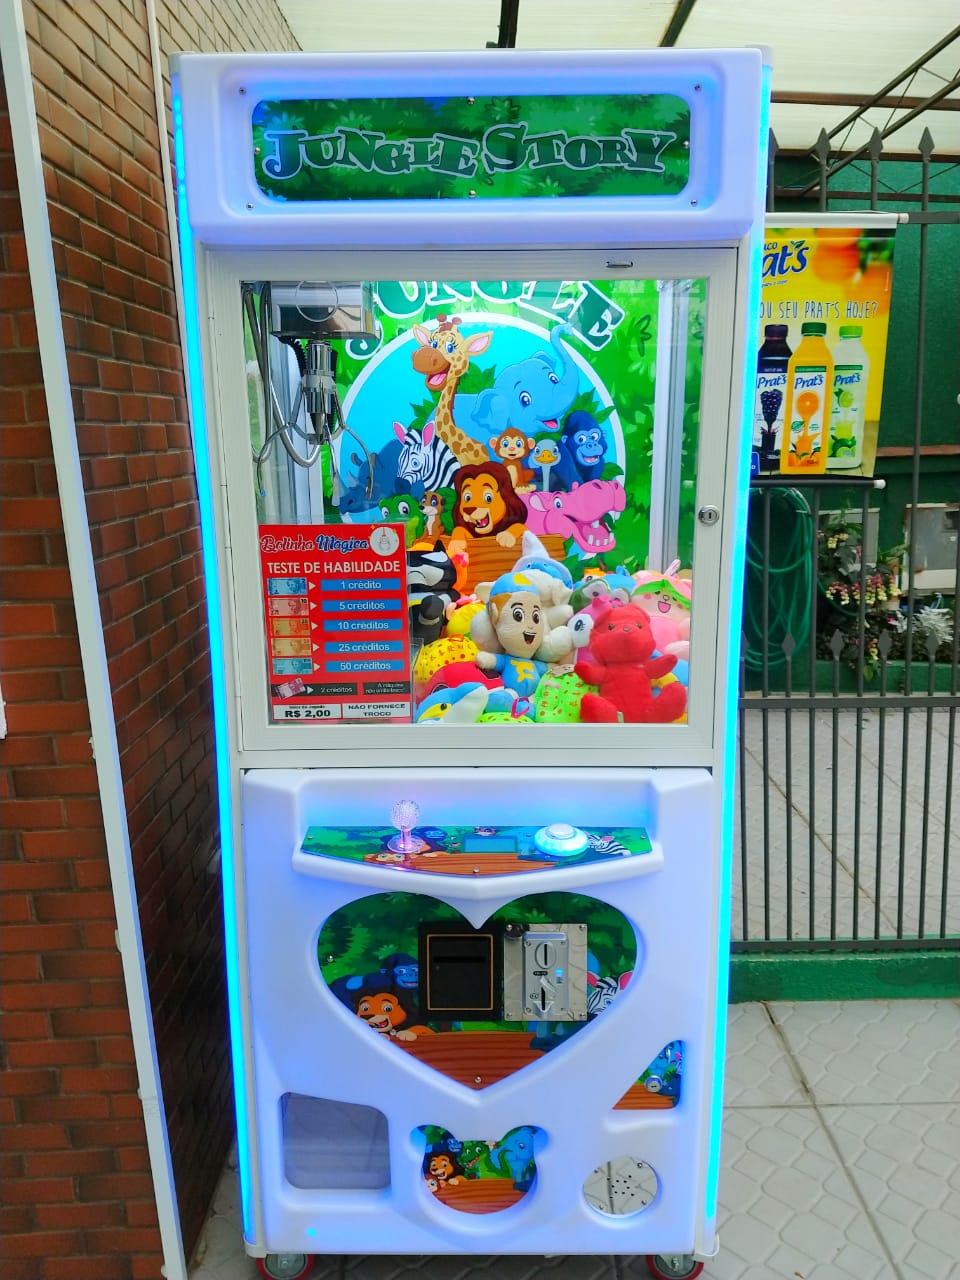 Maquina Grua para pegar Pelucias  Ursinhos com Noteiro Vending Machine